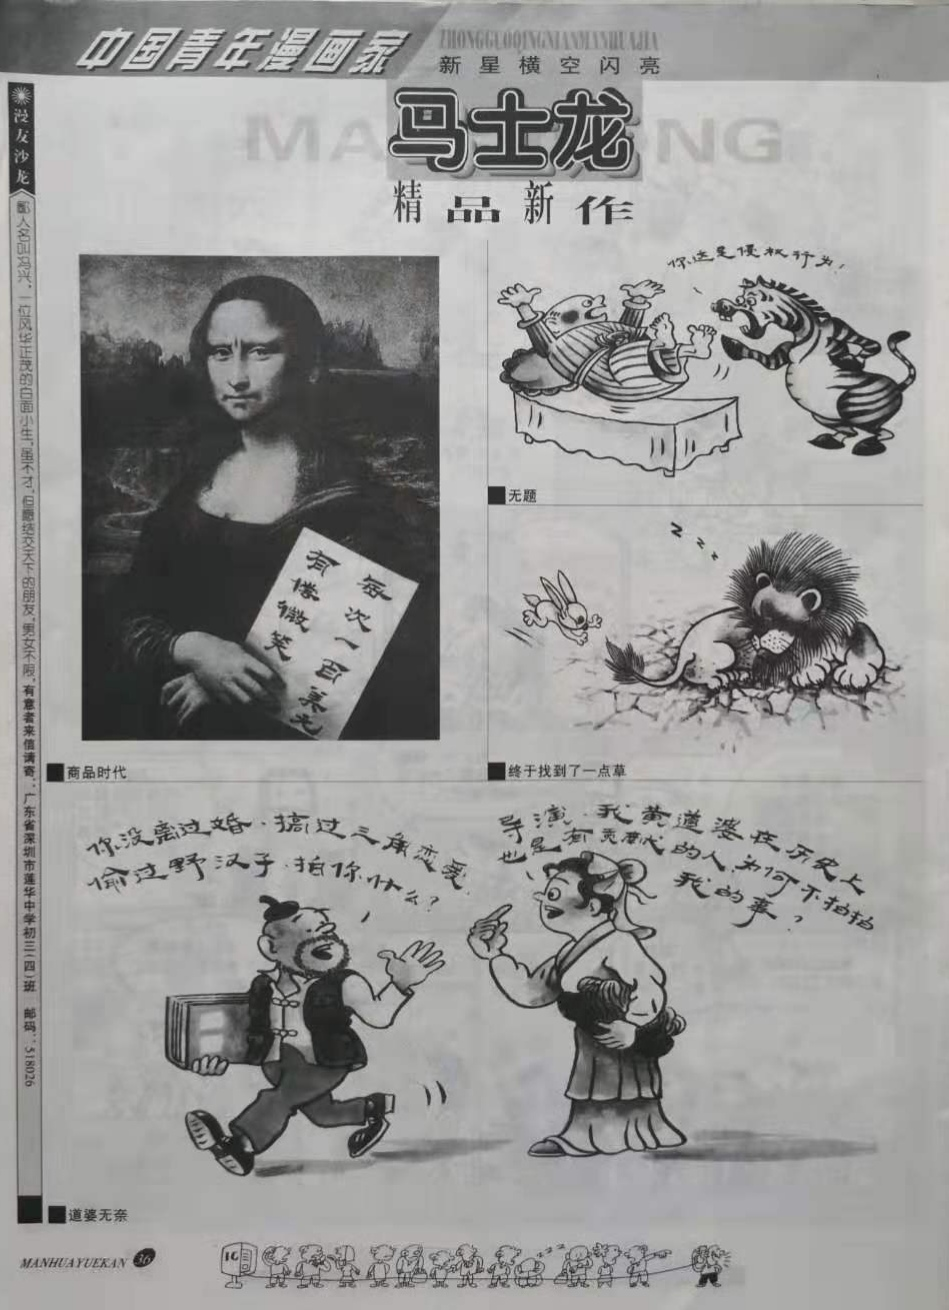 邪恶漫画之家庭教师原网高清_河南漫画家国画家散文家马士龙简介及作品欣赏(一)